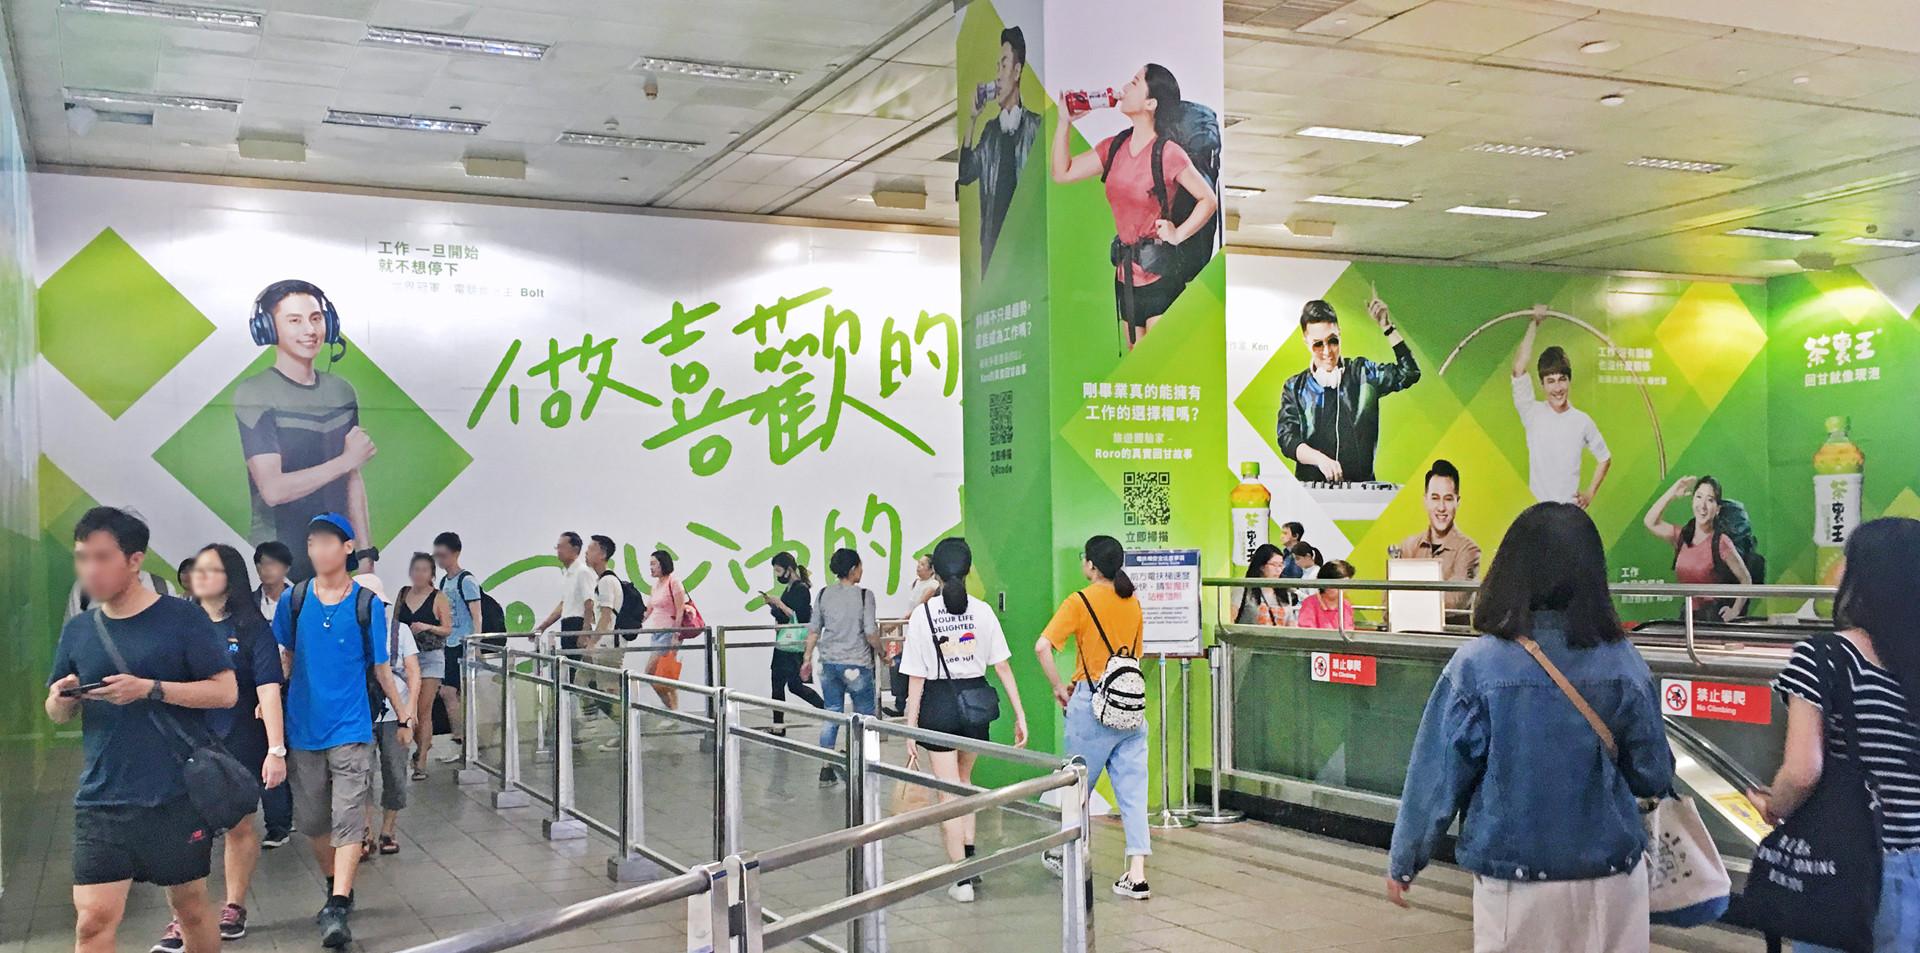 台北捷運廣告刊登  忠孝復興站 茶裏王